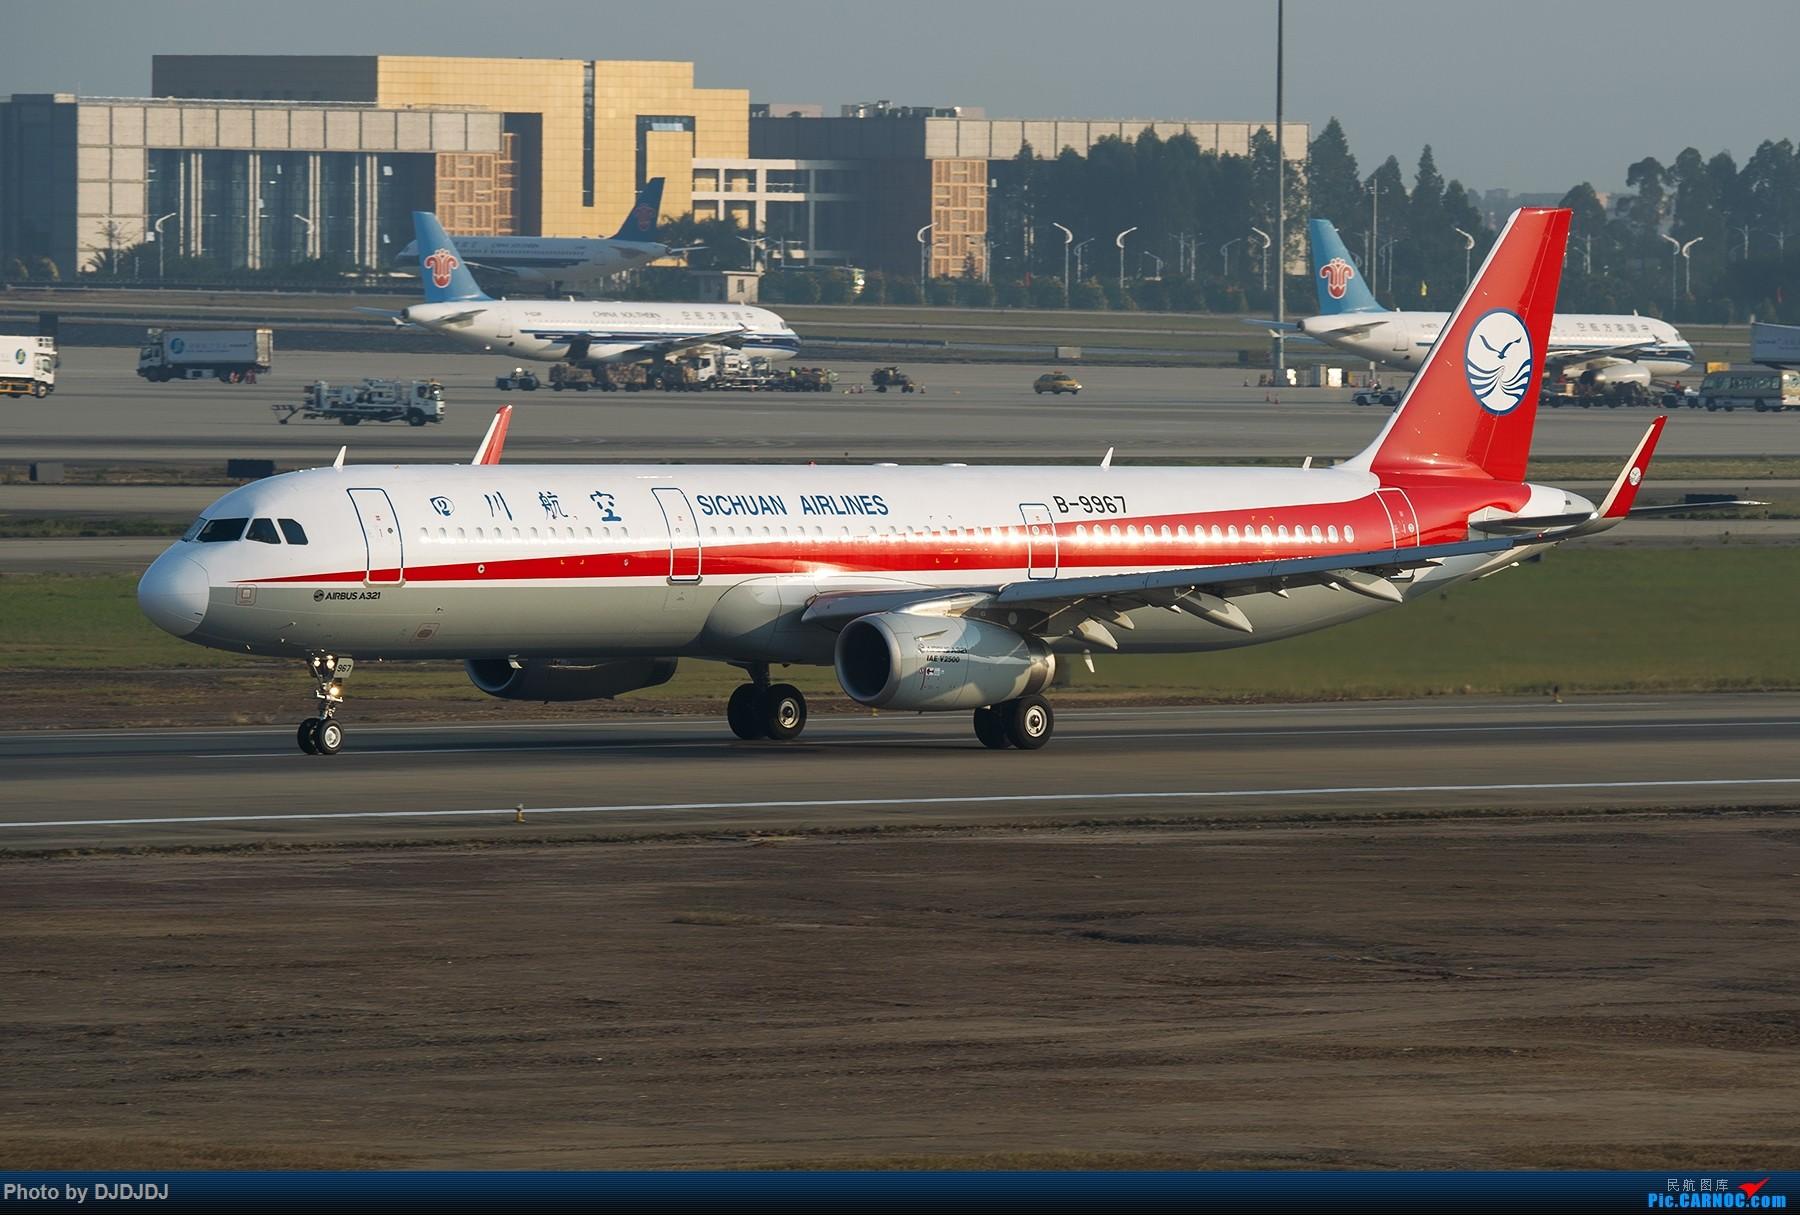 【BLDDQ】9967 AIRBUS A321-200 B-9967 中国广州白云国际机场